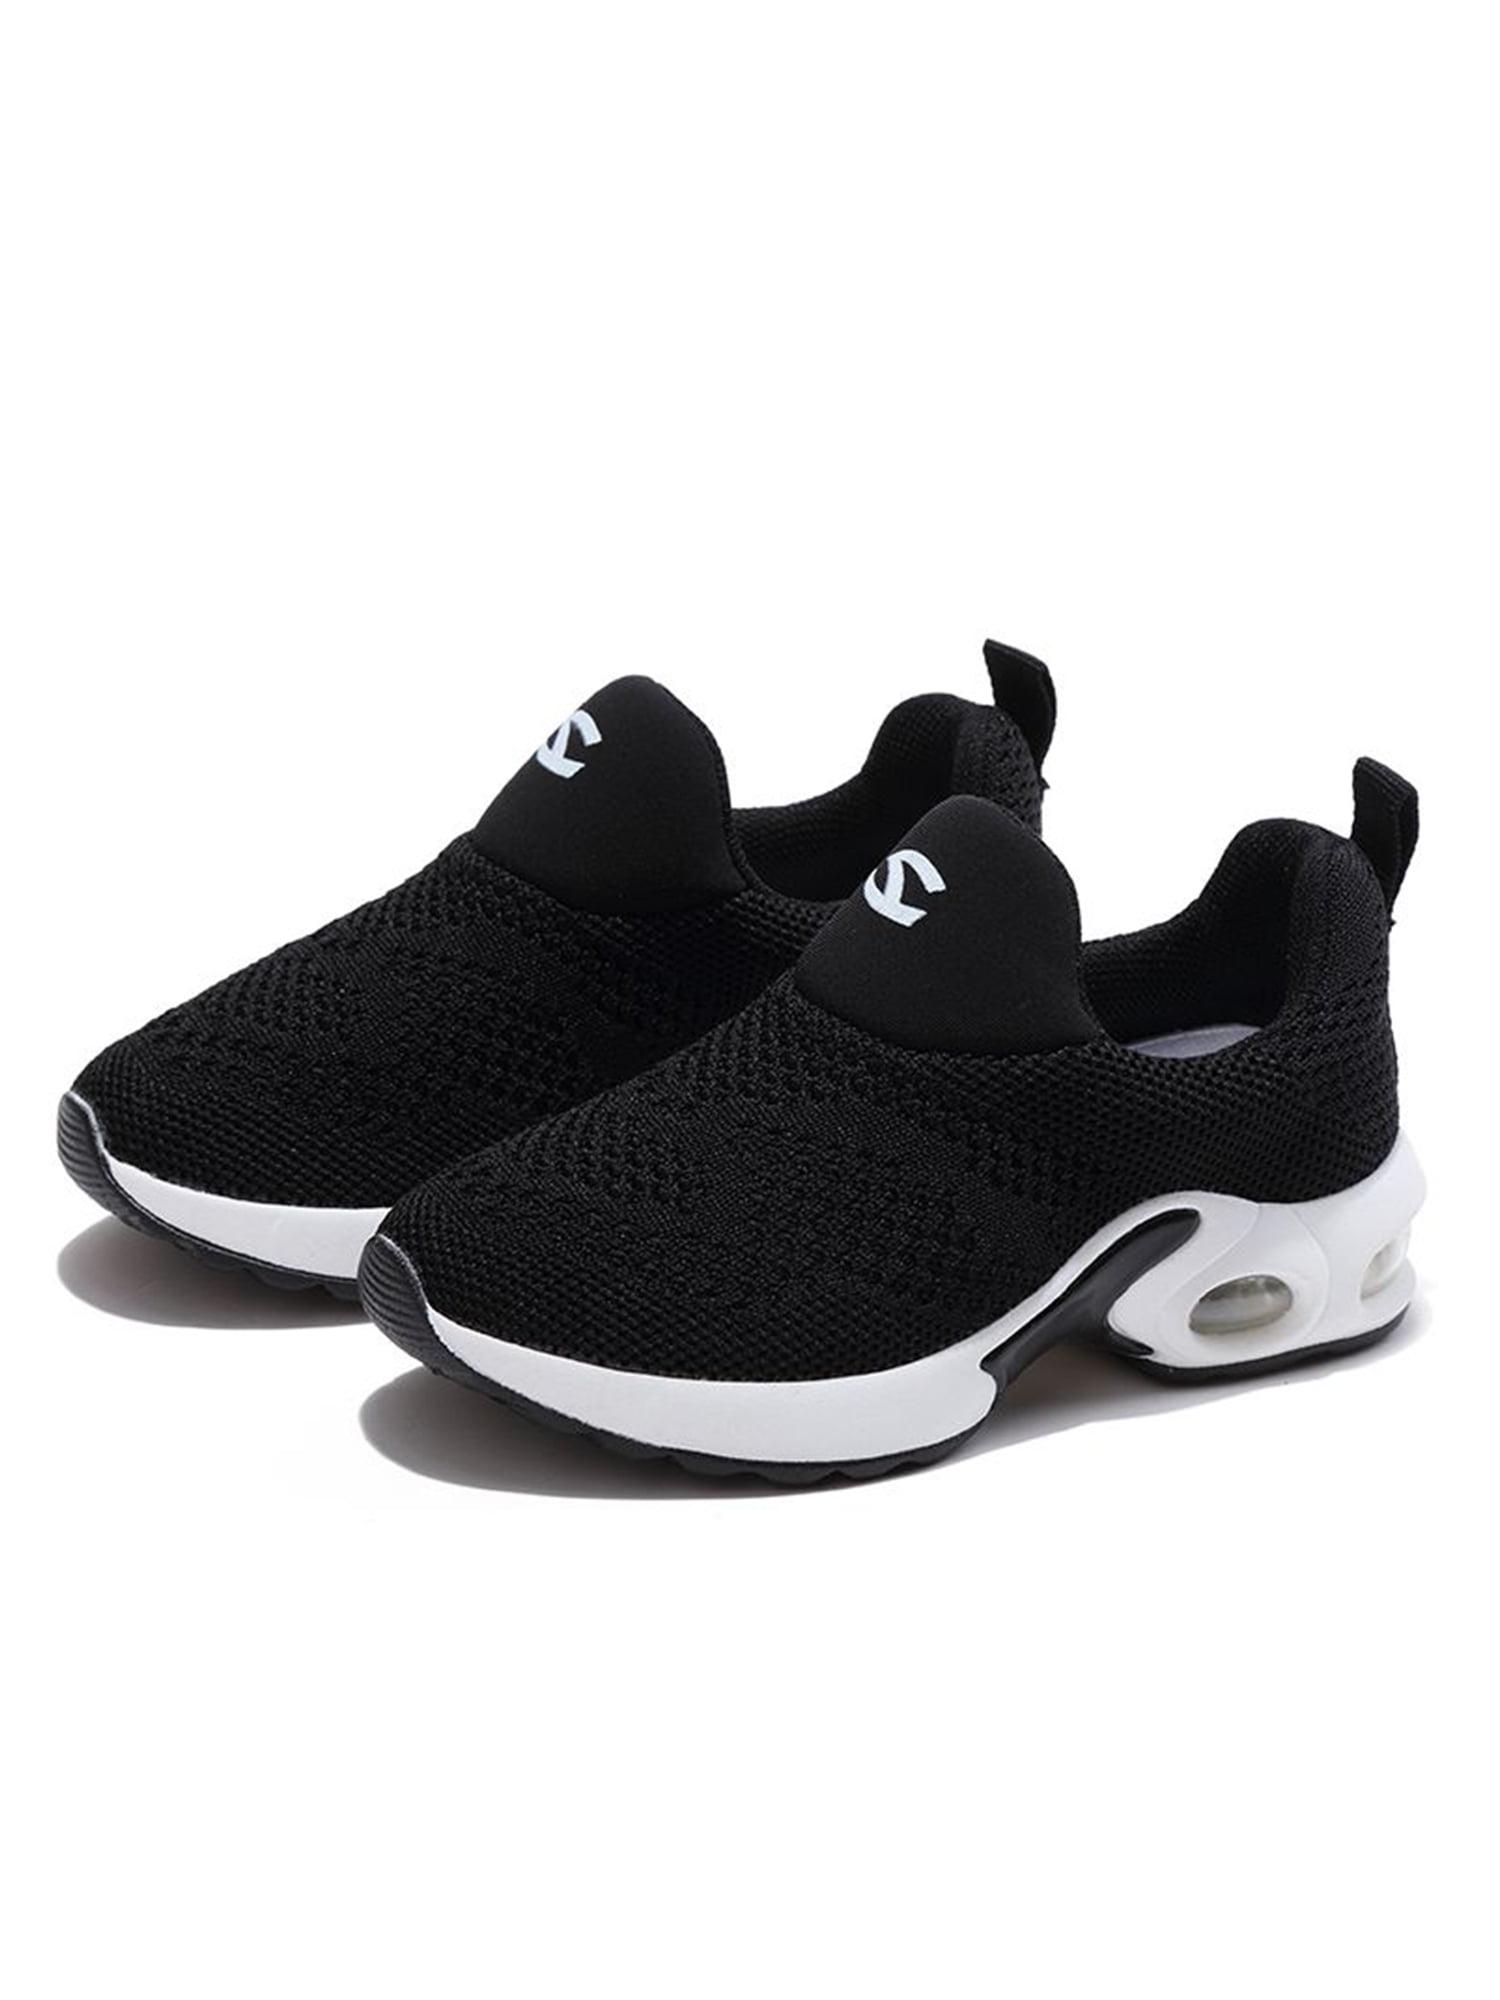 Kids Sneakers Comfortable Lightweight